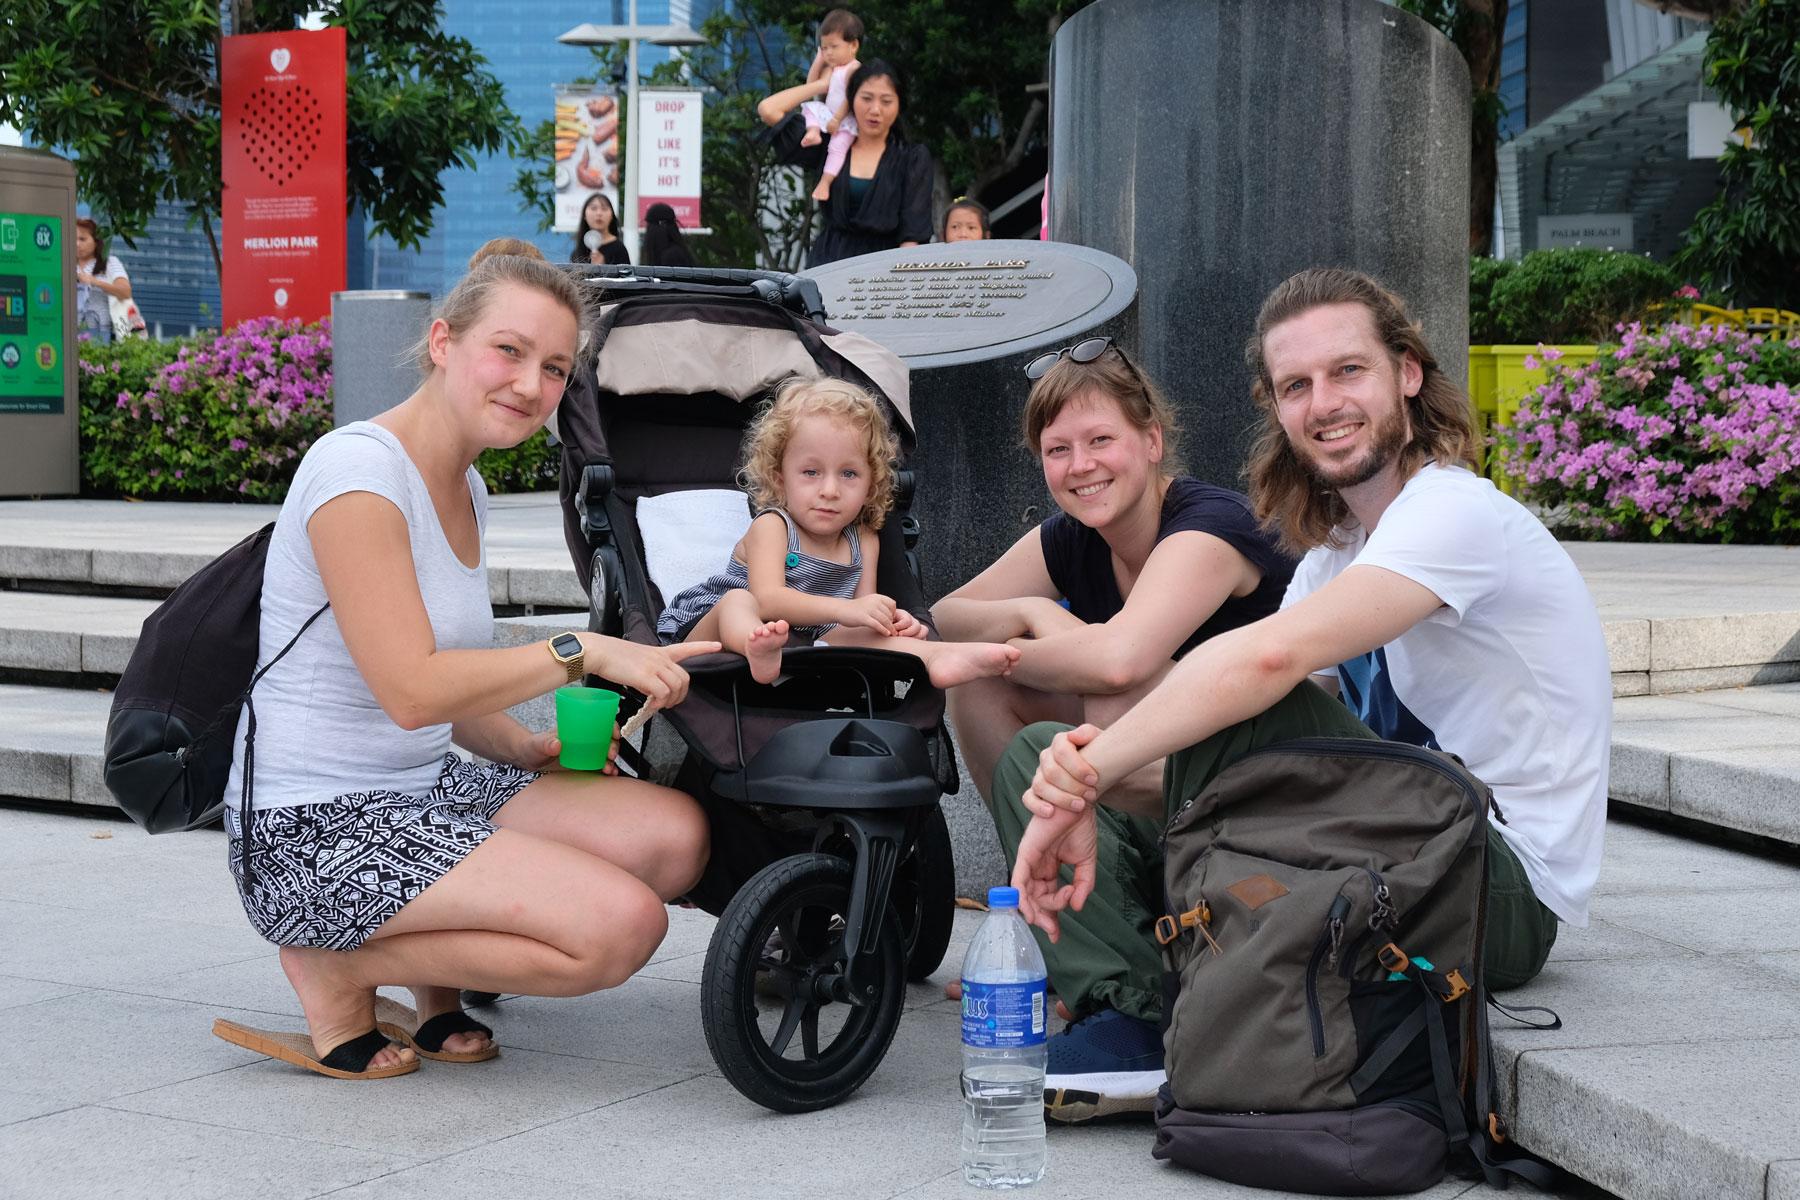 Sebastian mit zwei Frauen und einem Mädchen im Kinderwagen.